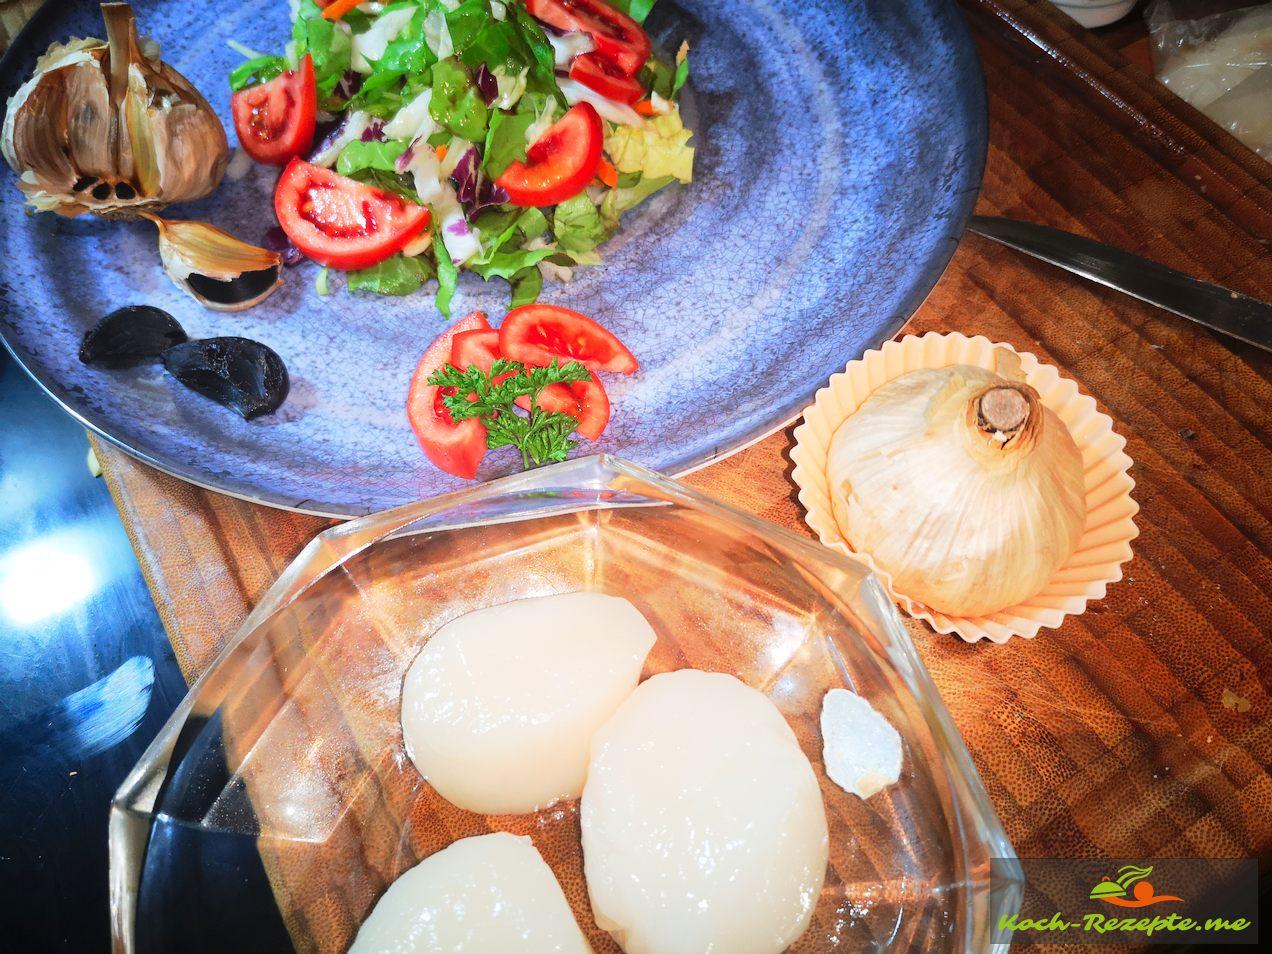 gemischter Salat mit gebratenen Jakobsmuscheln und Schwarzem Knoblauch.